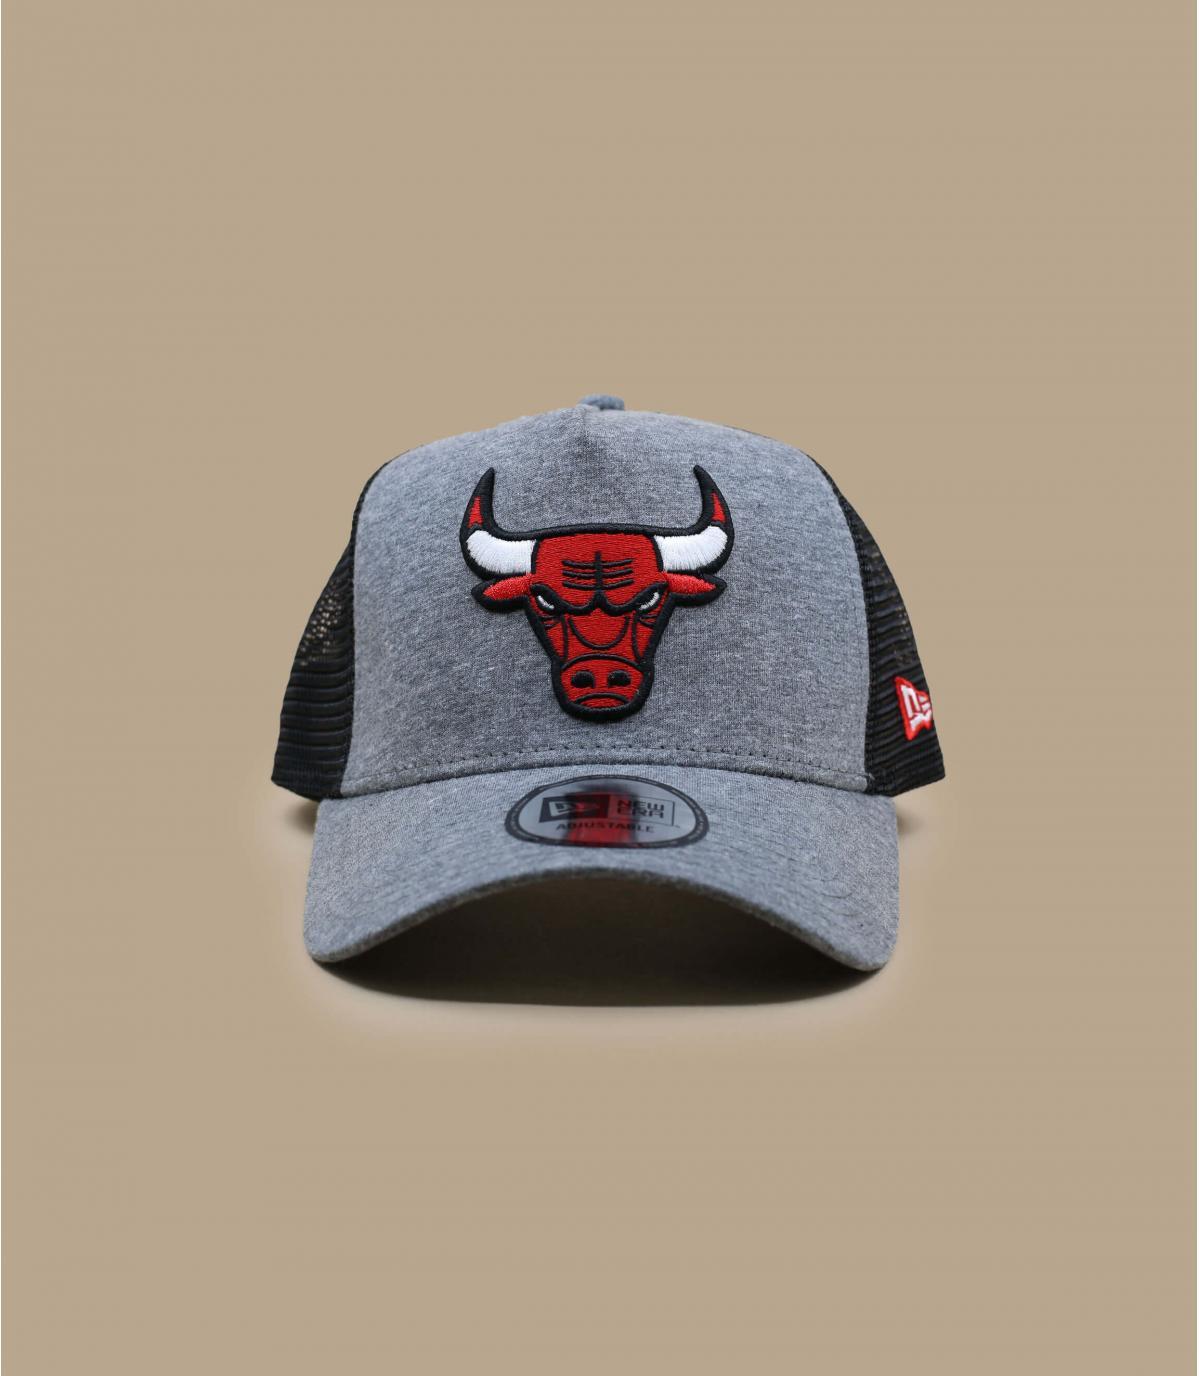 Details Trucker Jersey Ess Bulls - Abbildung 2